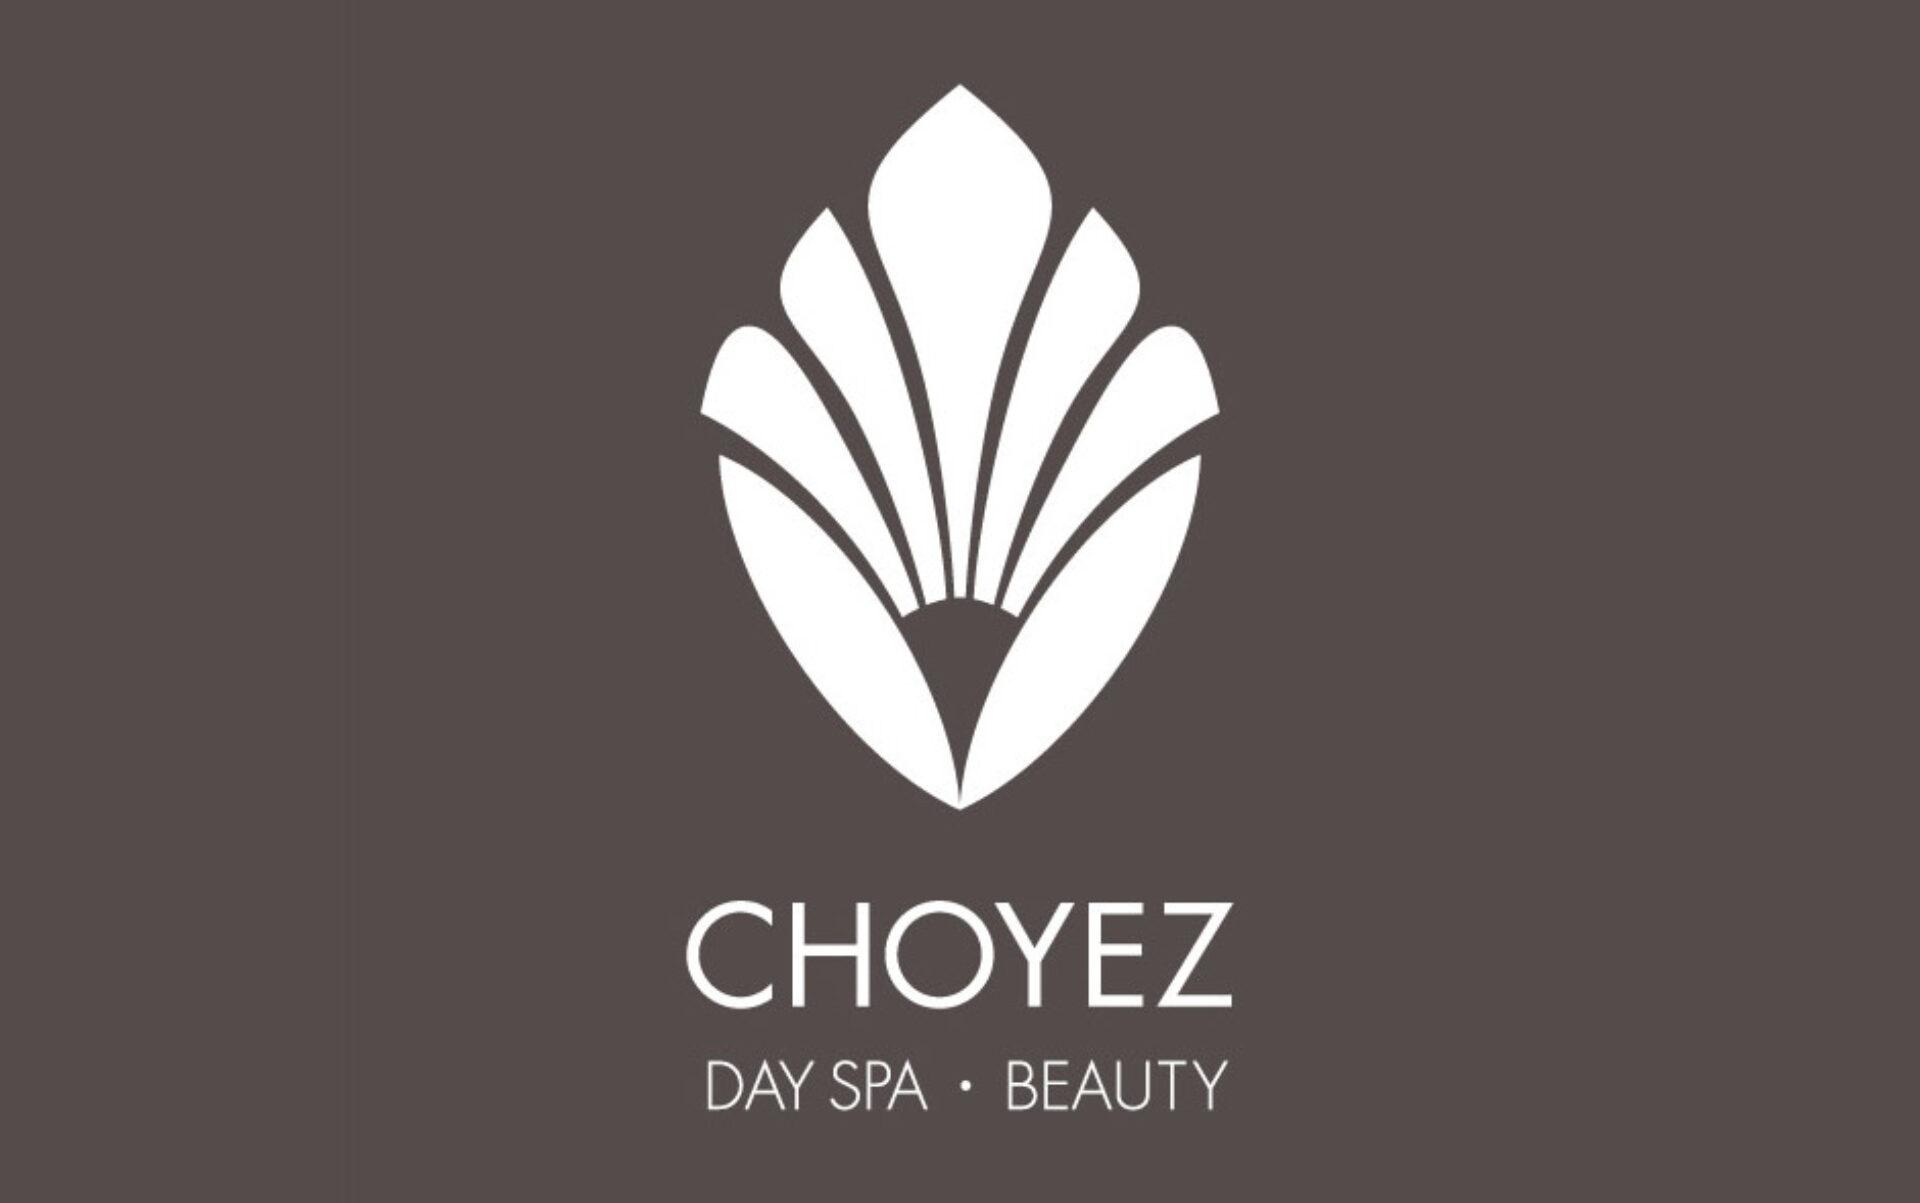 Choyez 01